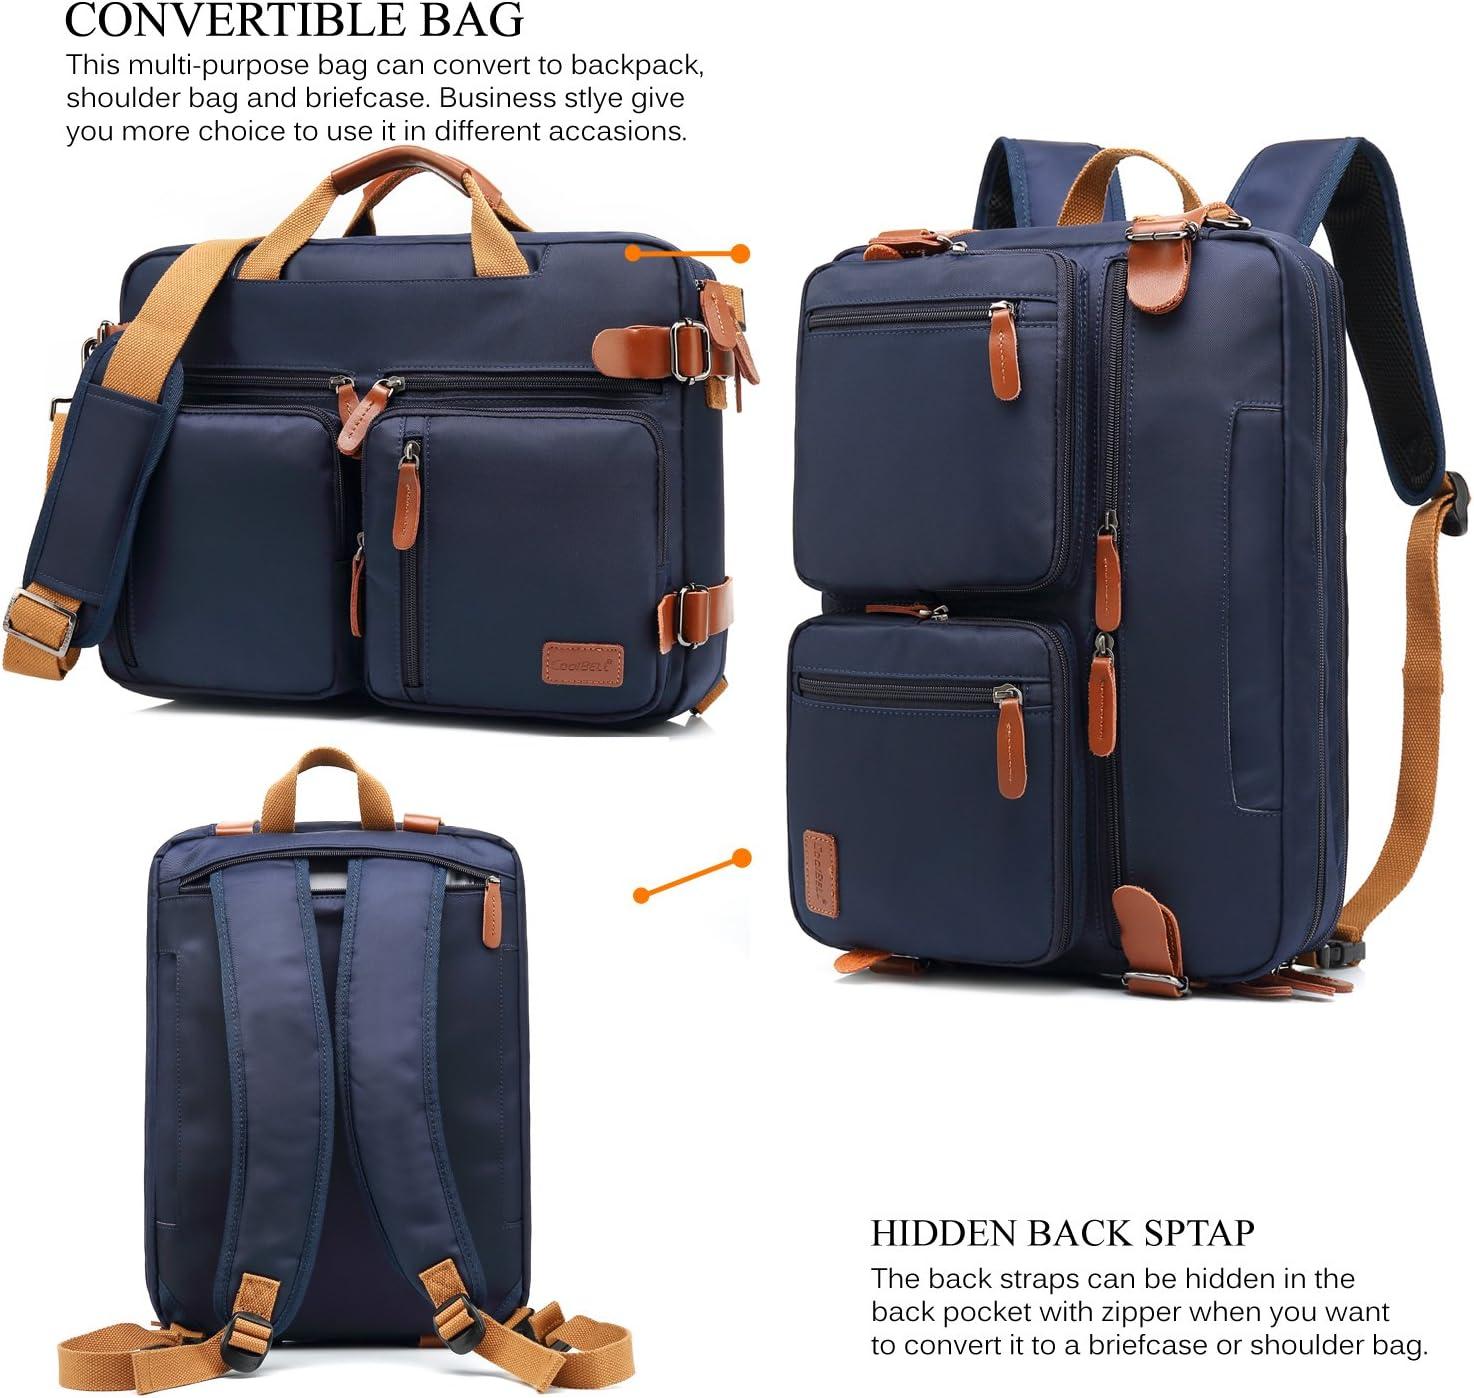 CoolBELL 17.3 Inch Laptop Briefcase Protective Messenger Bag Nylon Shoulder Bag Multi-functional Hand Bag For Laptop//Ultrabook//Tablet//Macbook//Dell//HP // Black